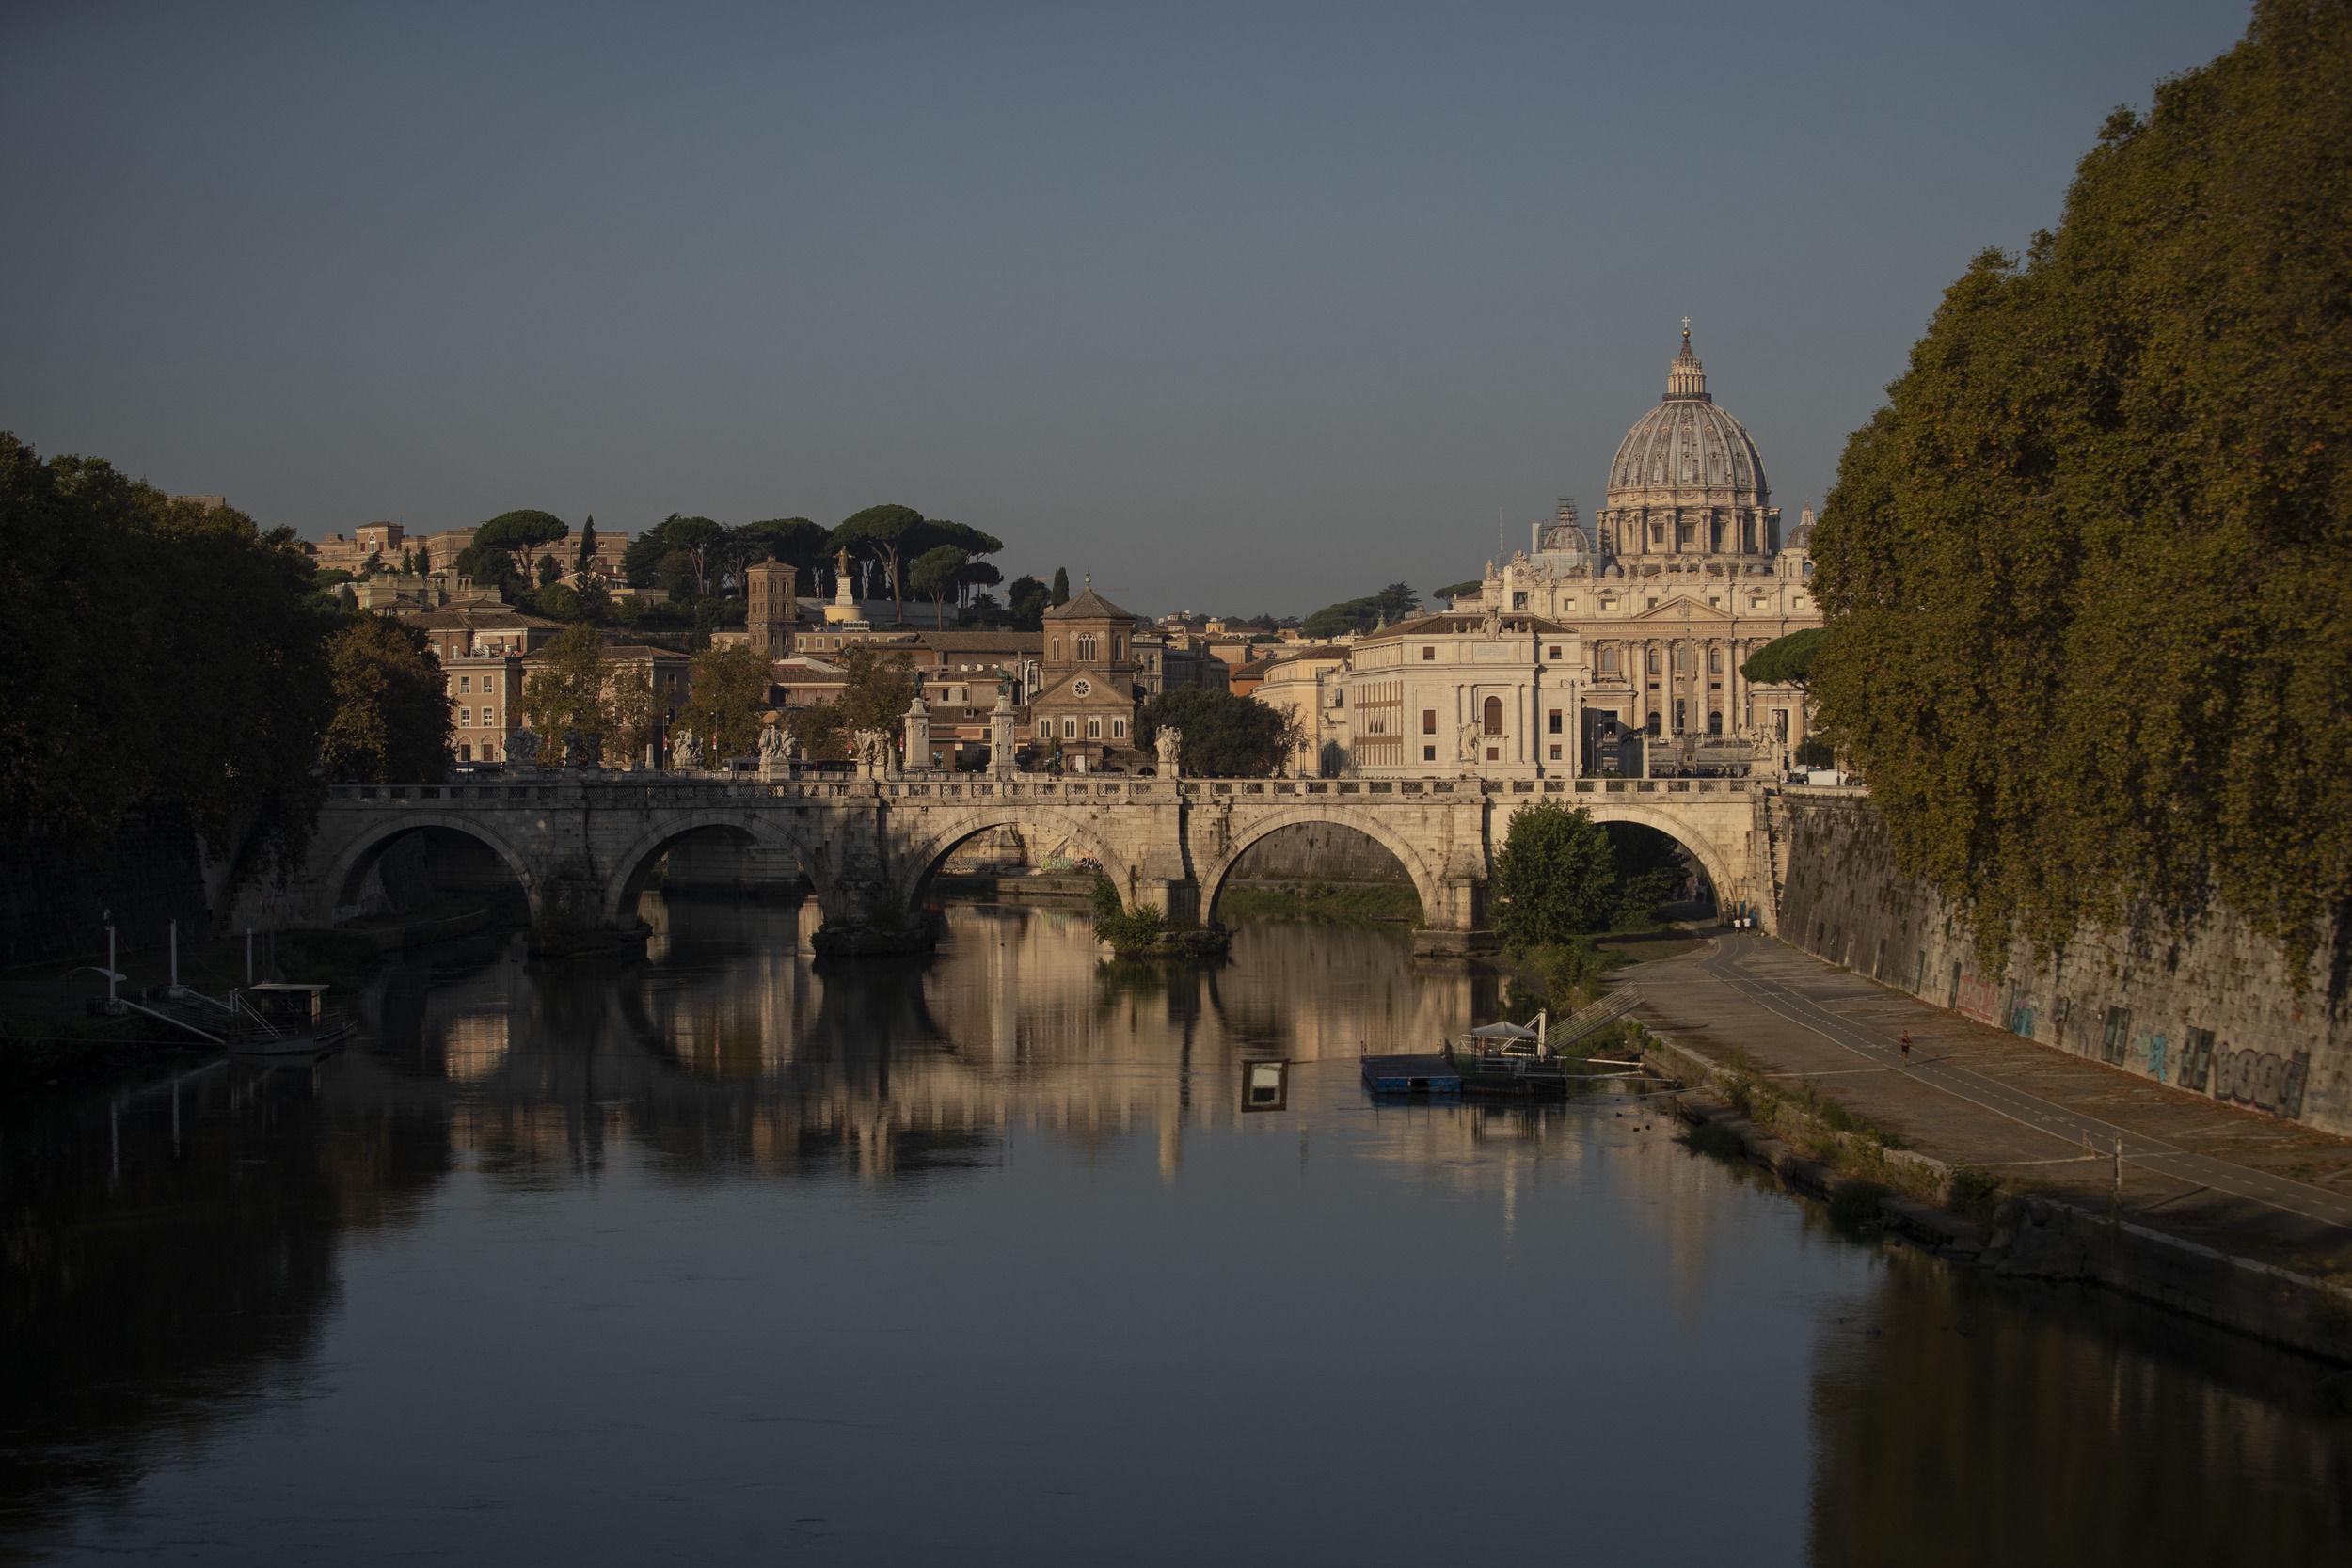 A shot of the Vatican.